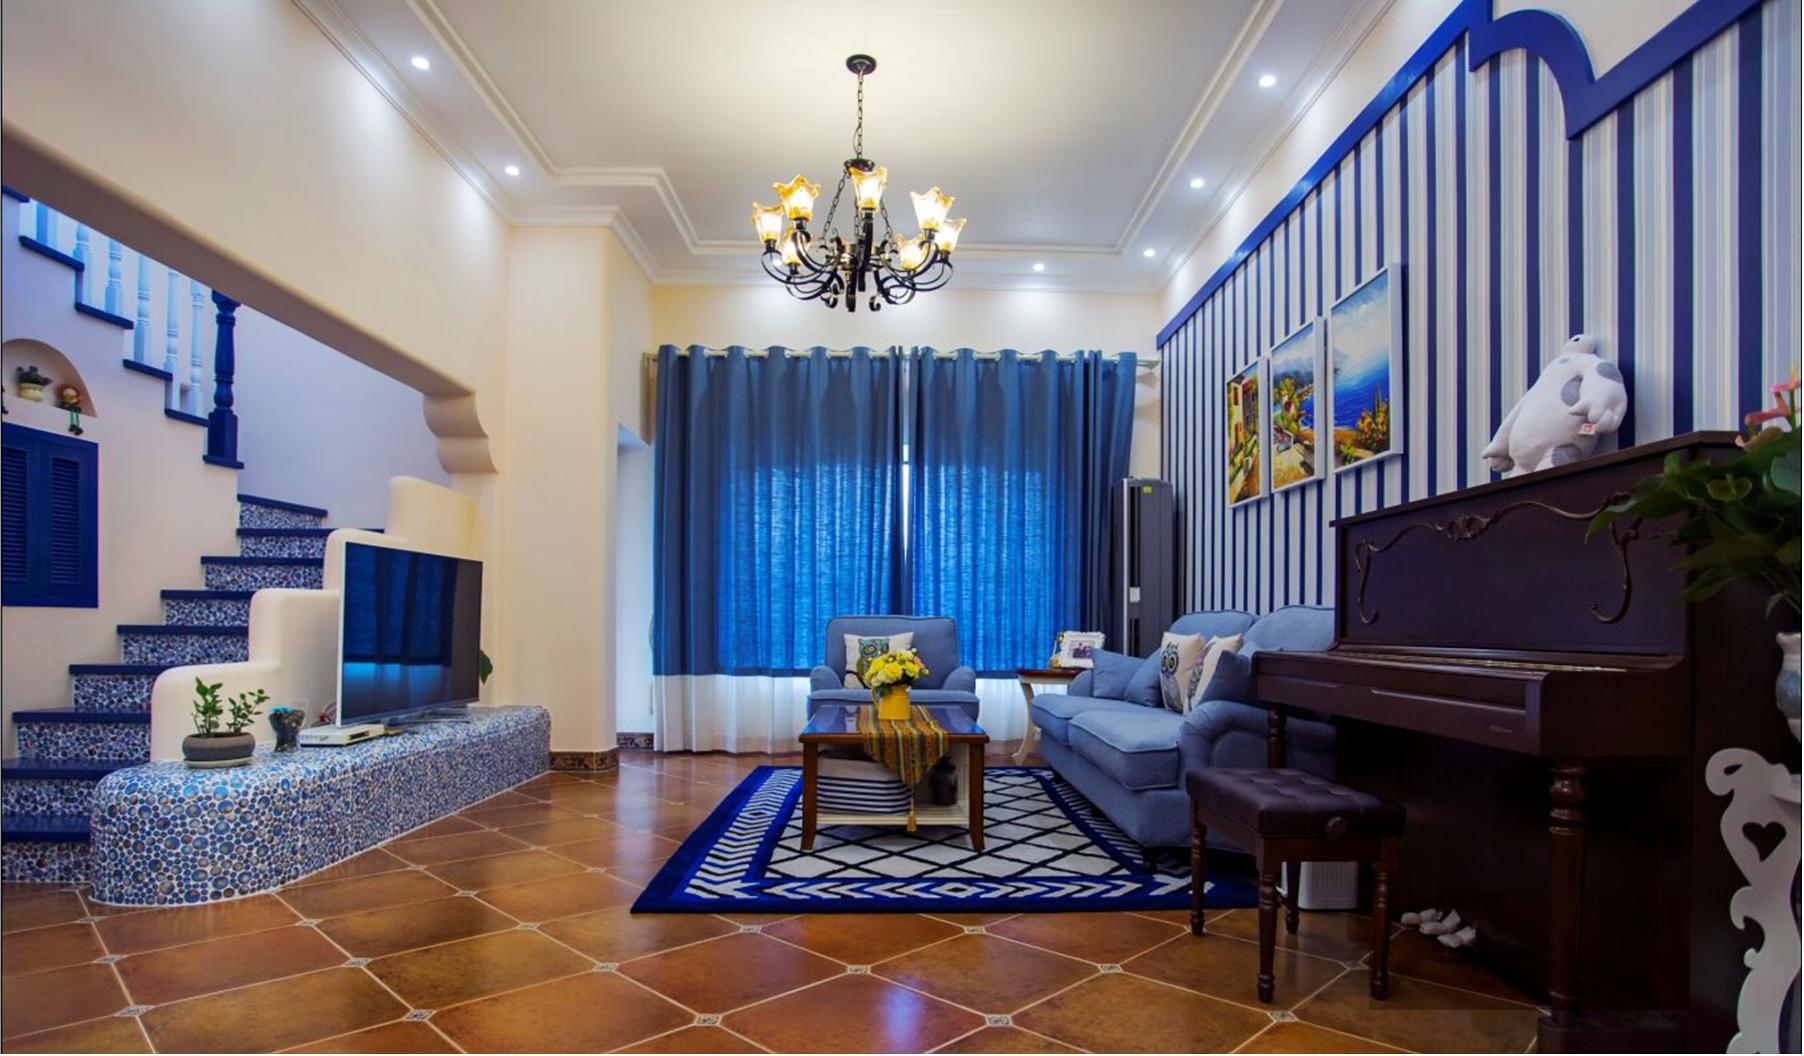 一些有关室内装修欣赏想法